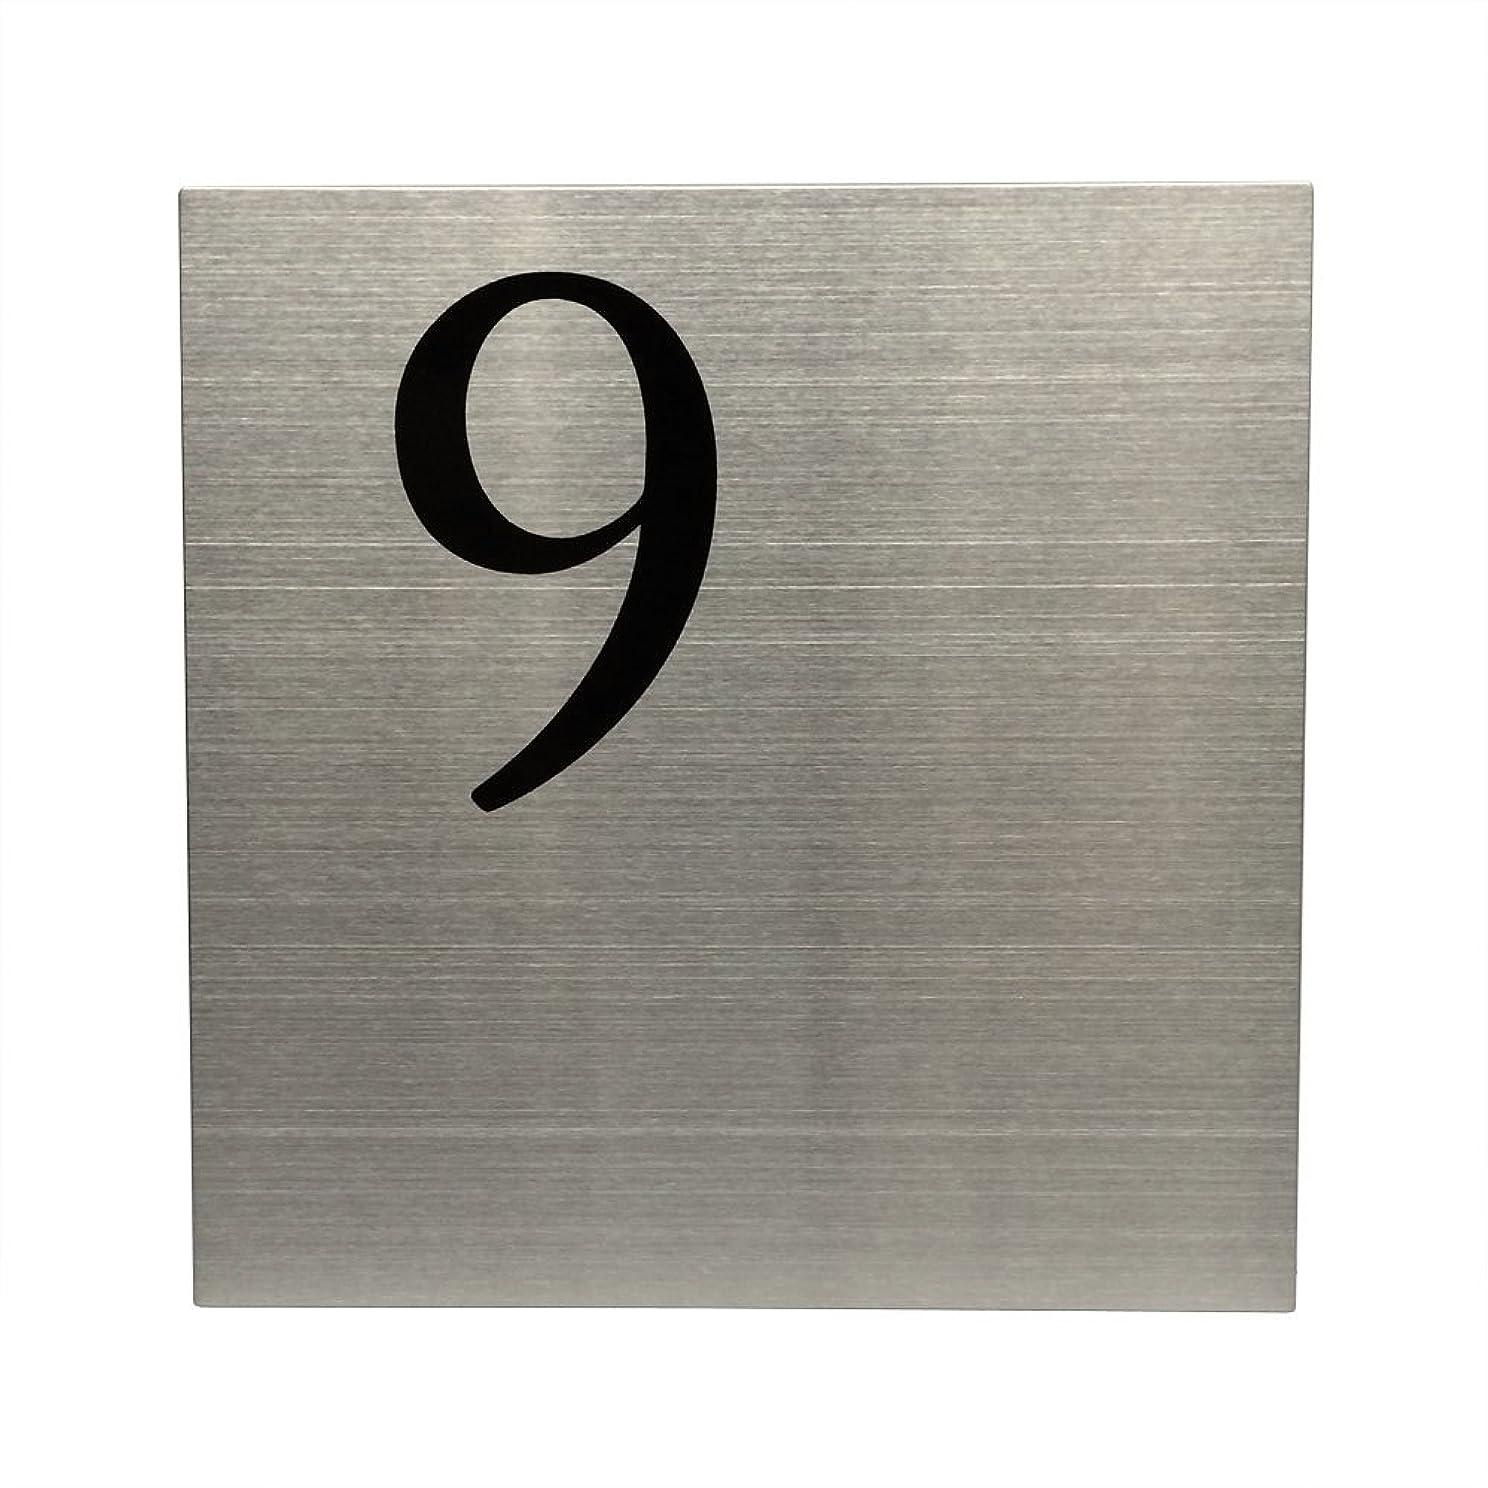 ダーツ調和財団杉田エース AE-813 No.9 階数表示板プレートのみ